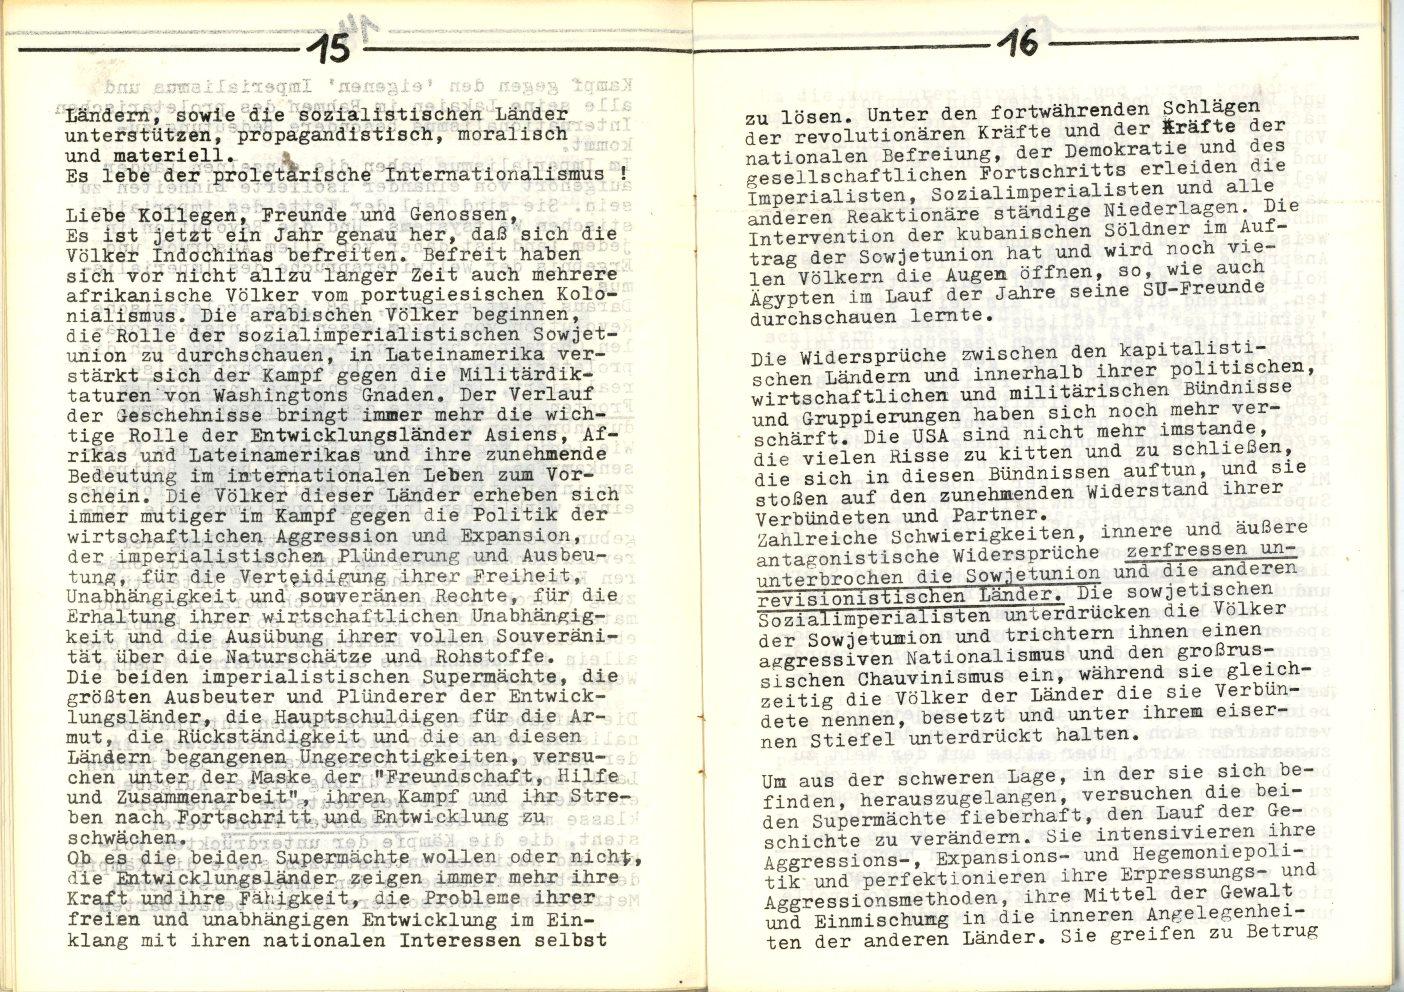 Frankfurt_KABD_zum_Ersten_Mai_1976_09